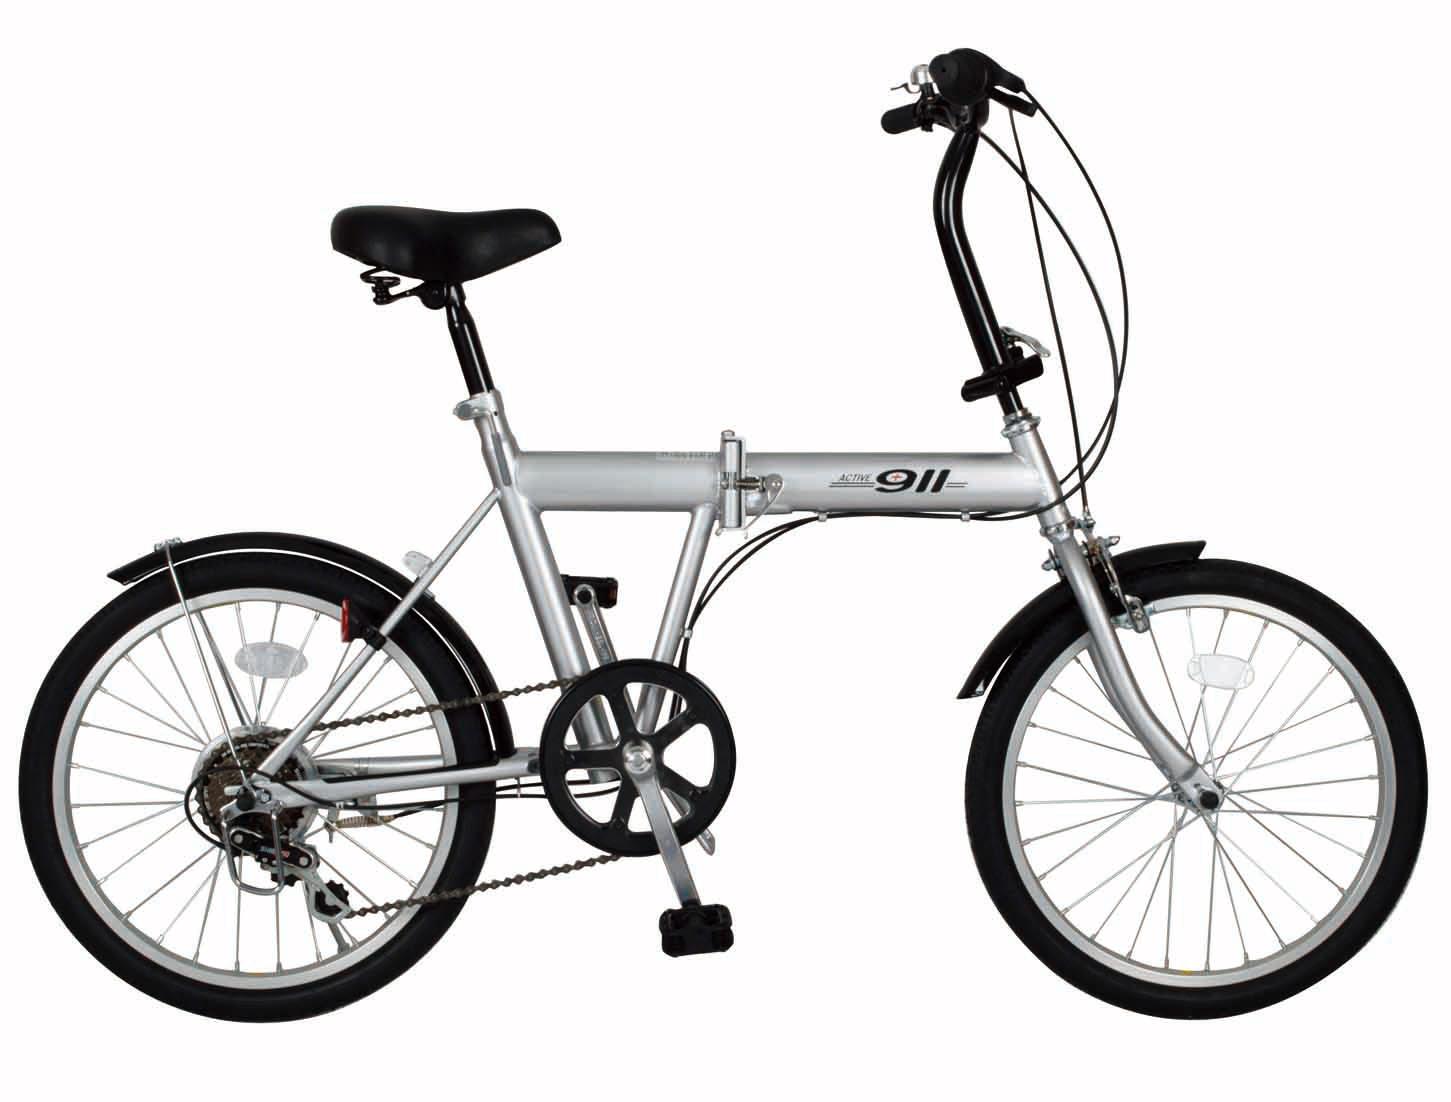 ノーパンク折たたみ自転車 シルバー